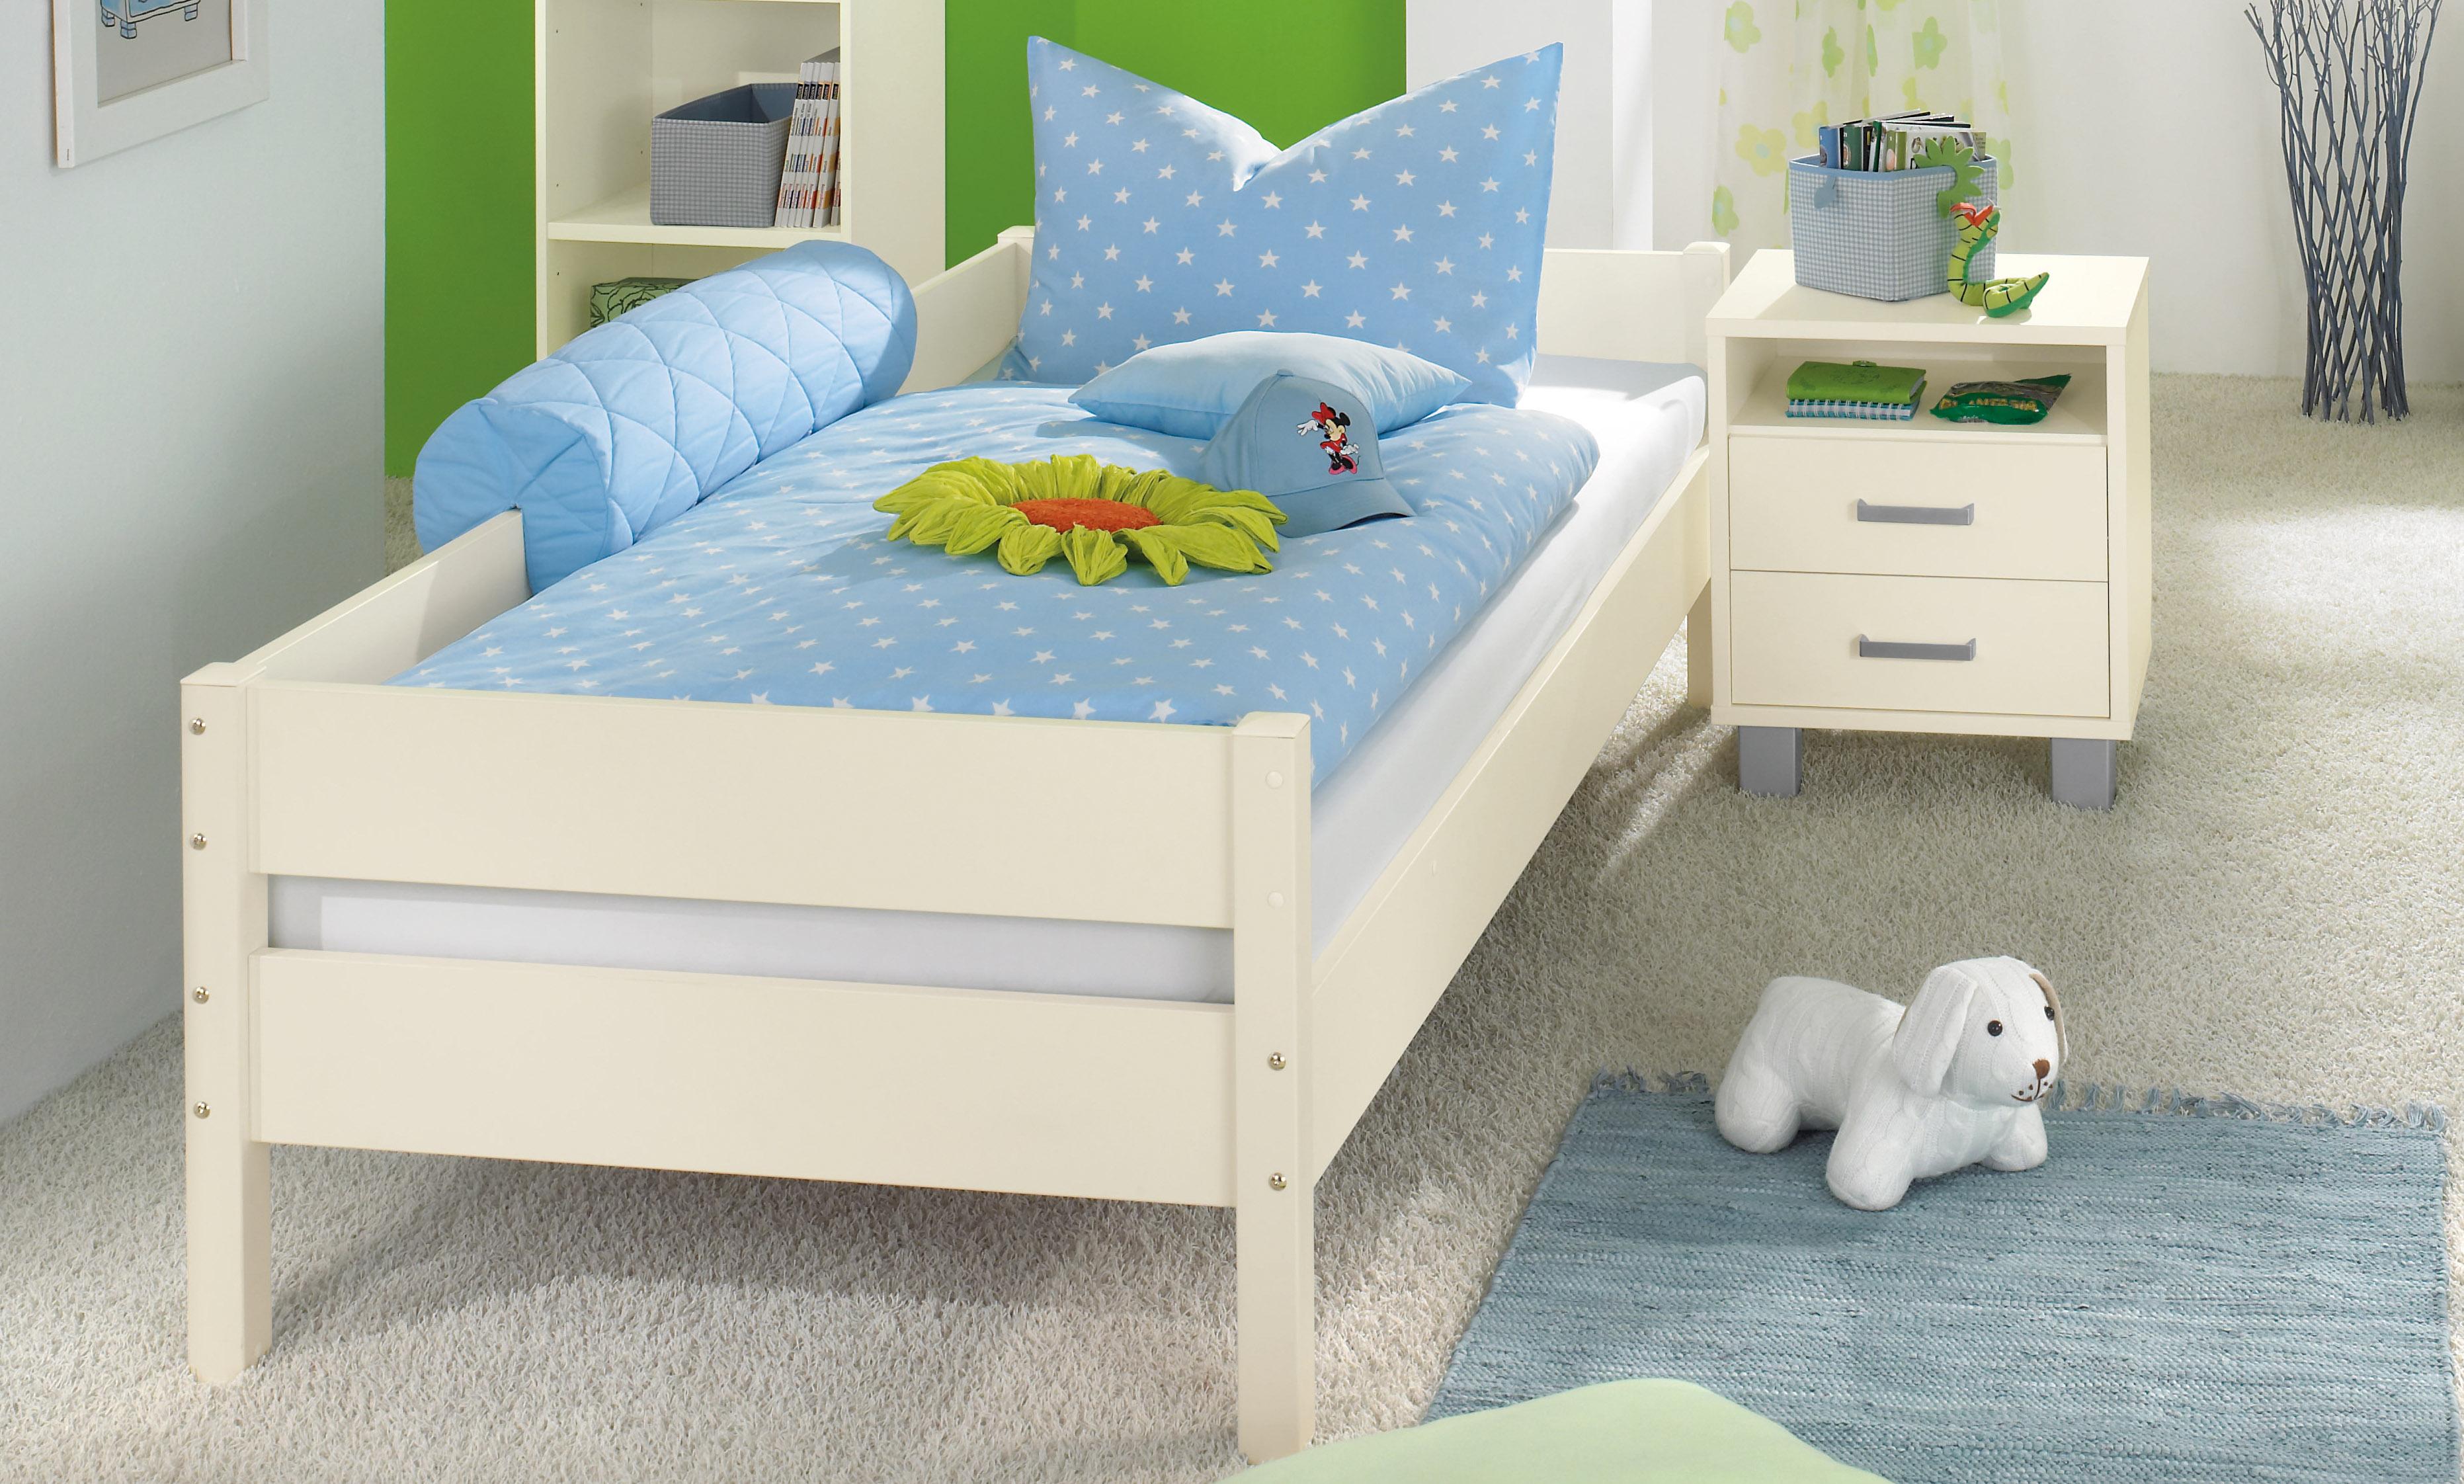 kinderzimmer biancomo von paidi m bel letz ihr online shop. Black Bedroom Furniture Sets. Home Design Ideas